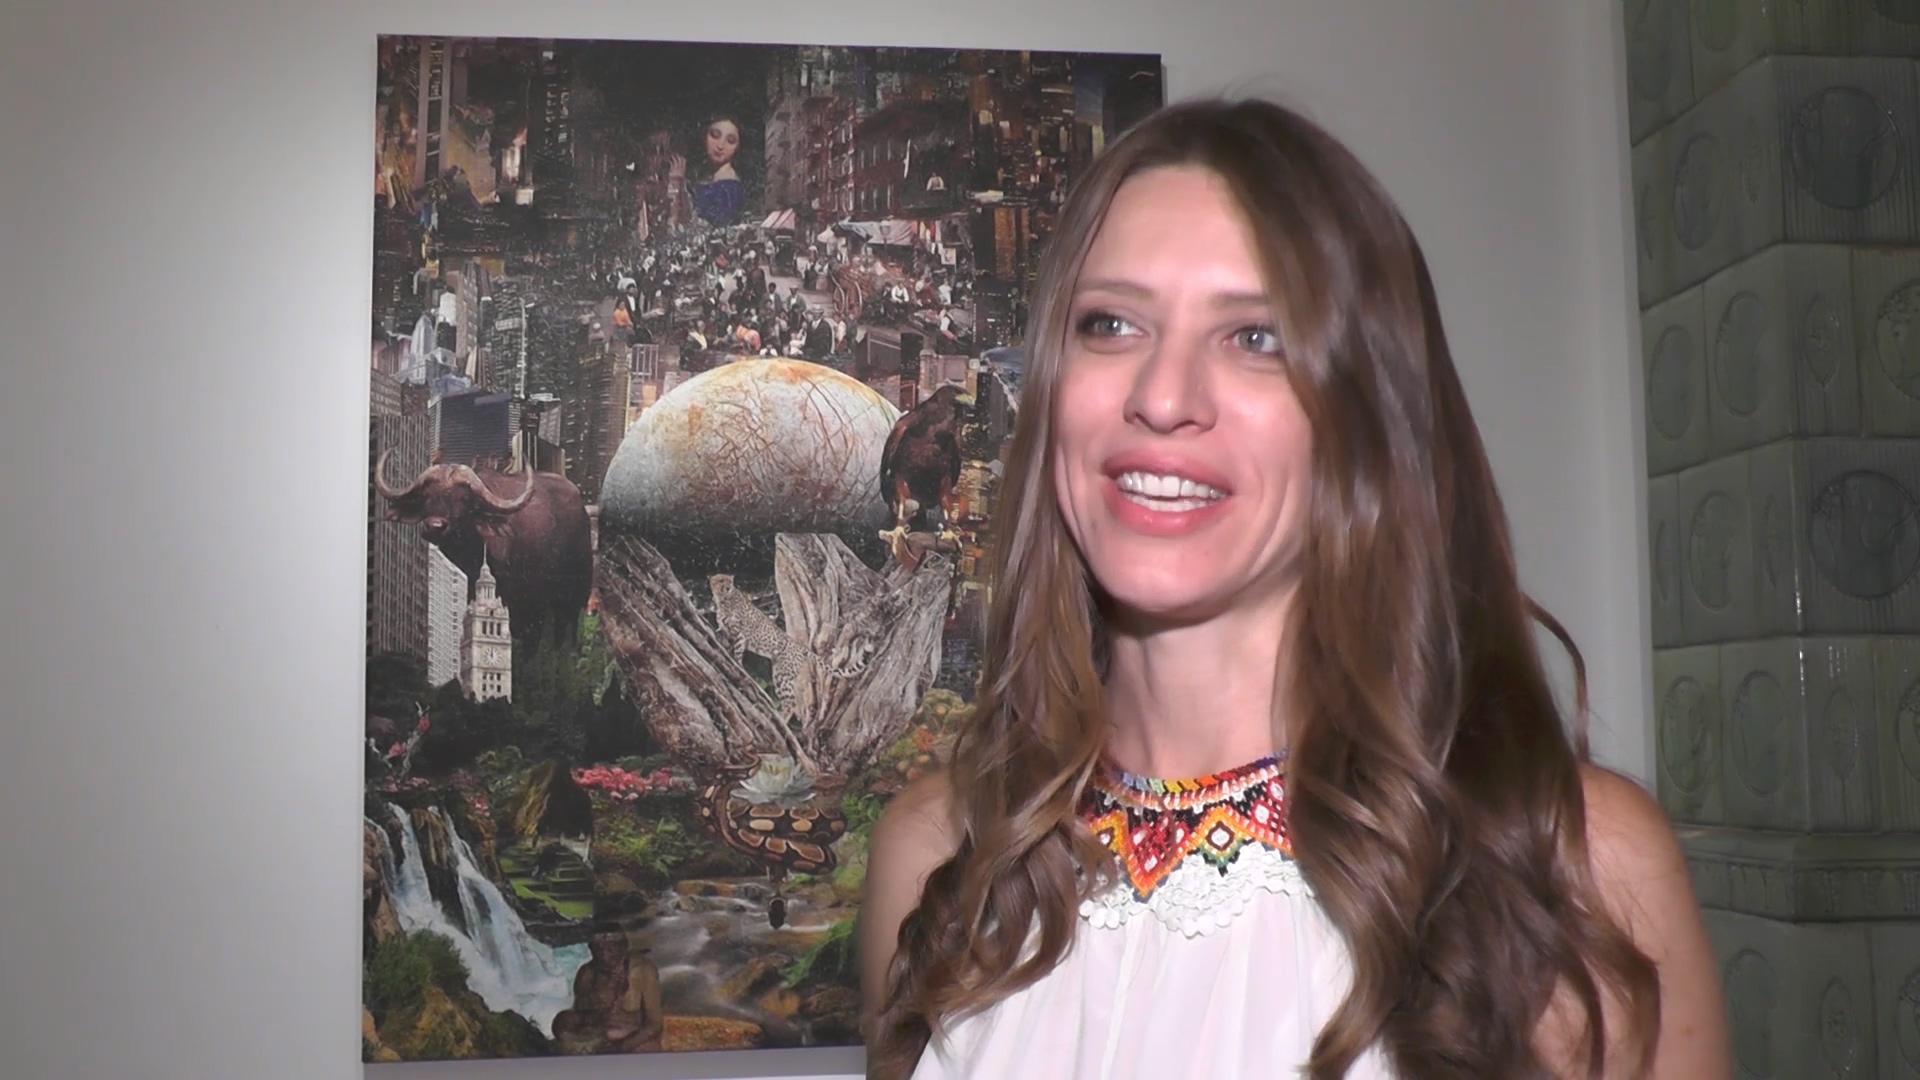 """U Umetničkoj galeriji otvorena izložba slika """"Rađanje nove svesti"""" autorke Biljane Mišić"""